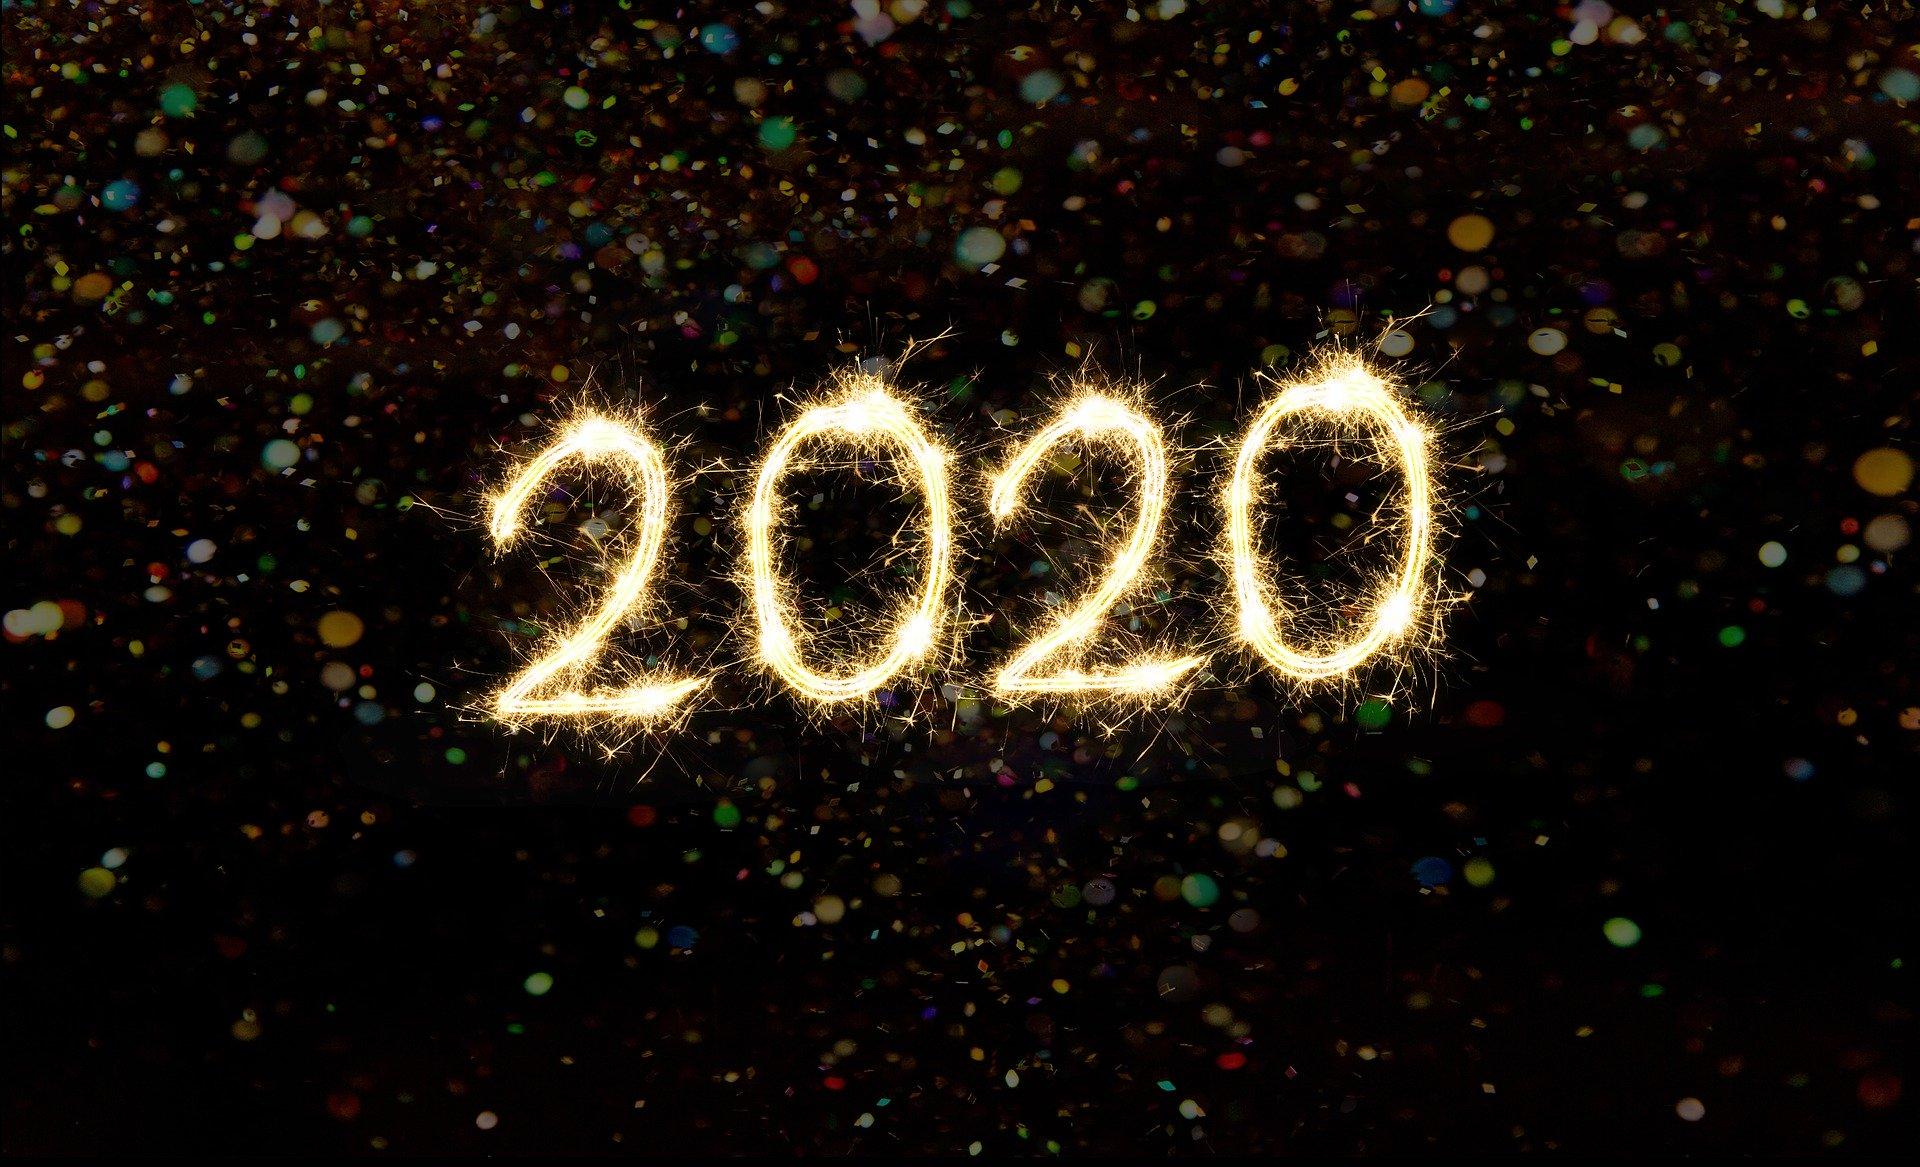 happy_silvester_2020_newyear_year